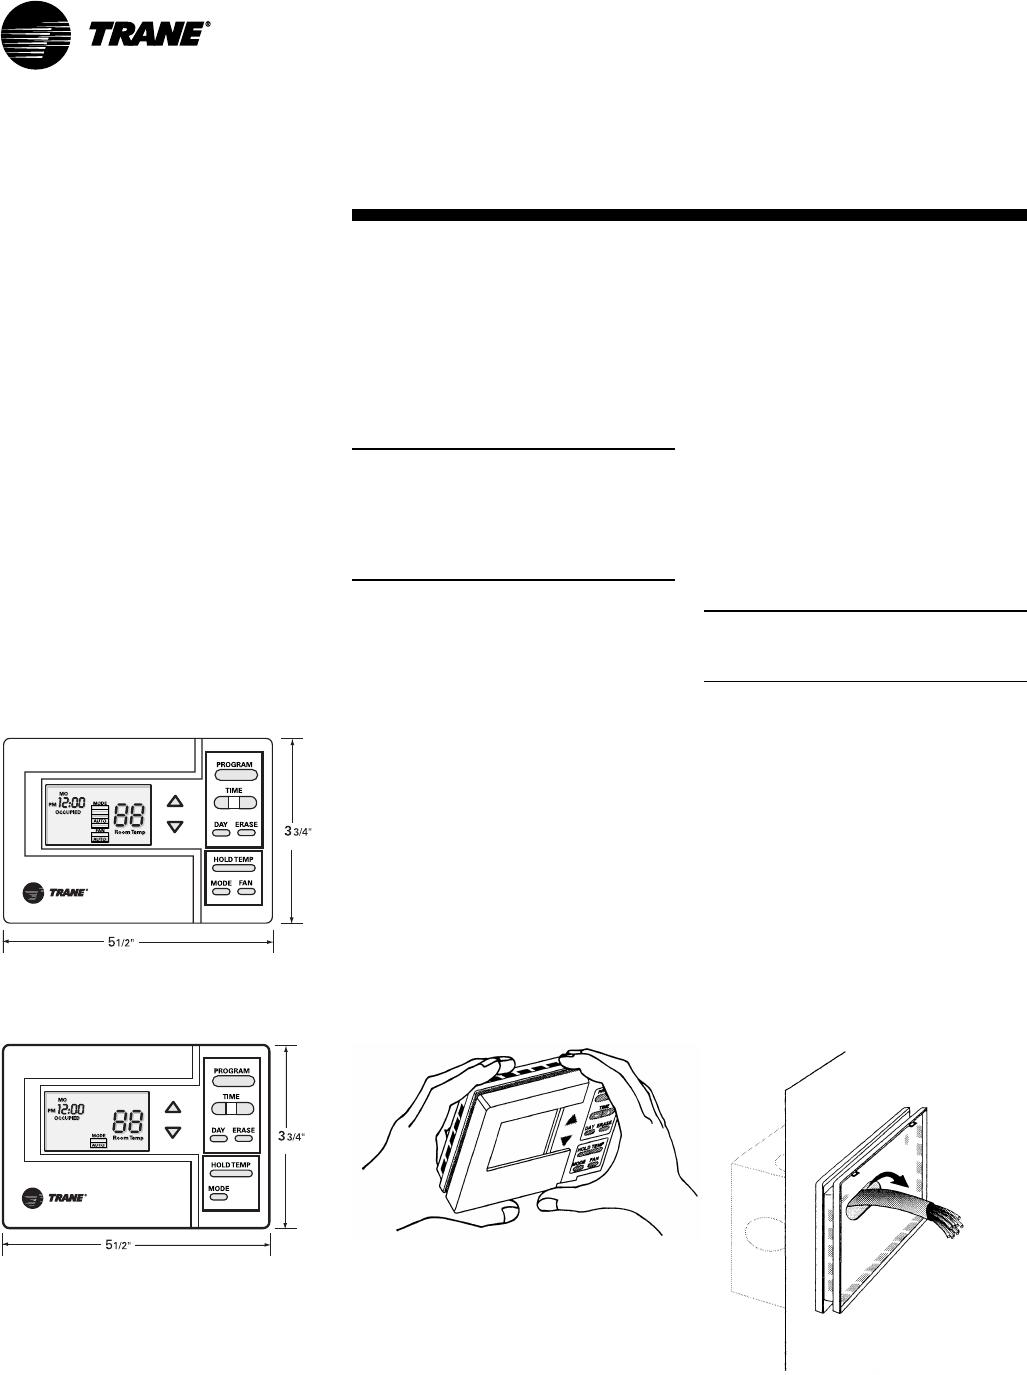 Trane SCXG-SVX01B-EN Programmable Zone Sensor